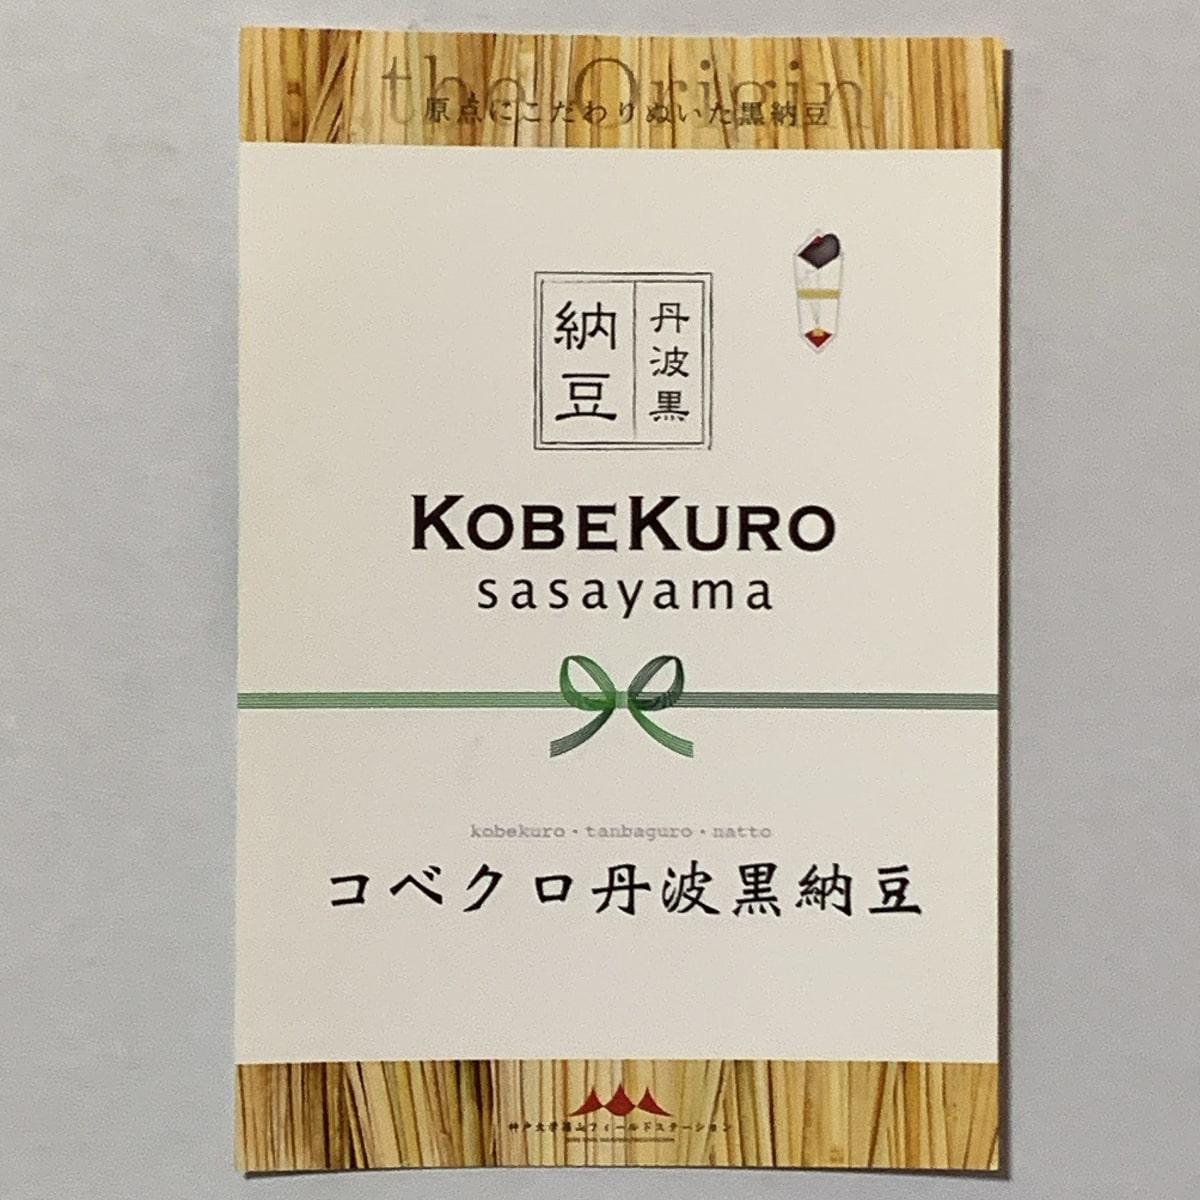 「丹波黒納豆」の情報が書かれたカードの表面の画像